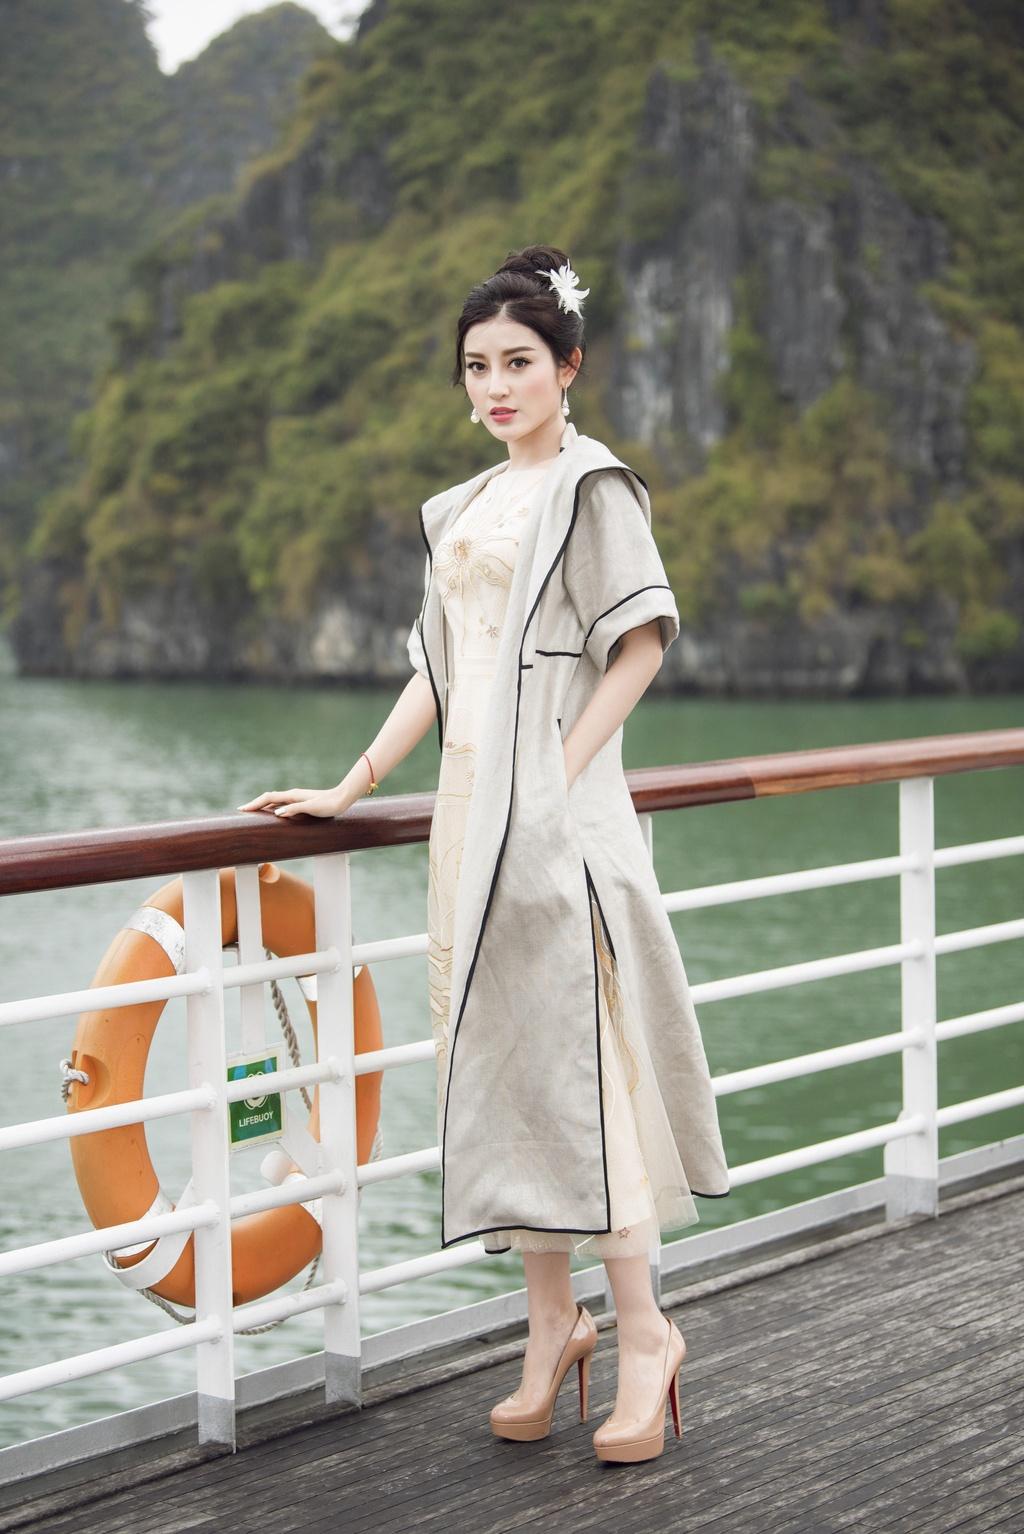 Nha Phuong cung dan sao nu xuat hien xinh xan tai show thoi trang hinh anh 6